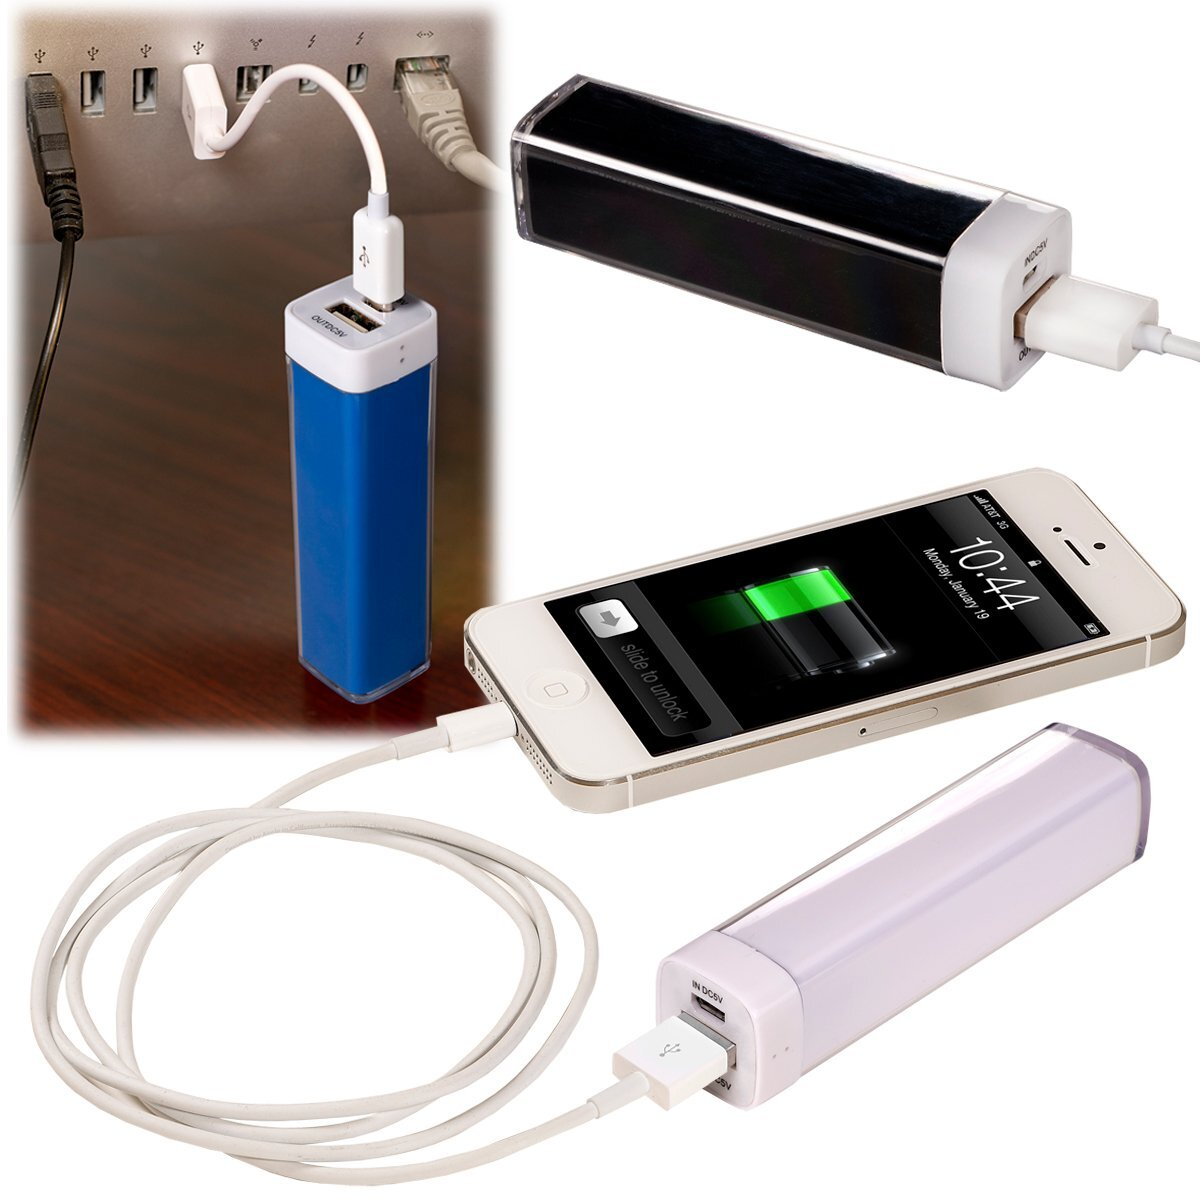 Econo Power Bank & Car Charger Gift Set, 2200mAh